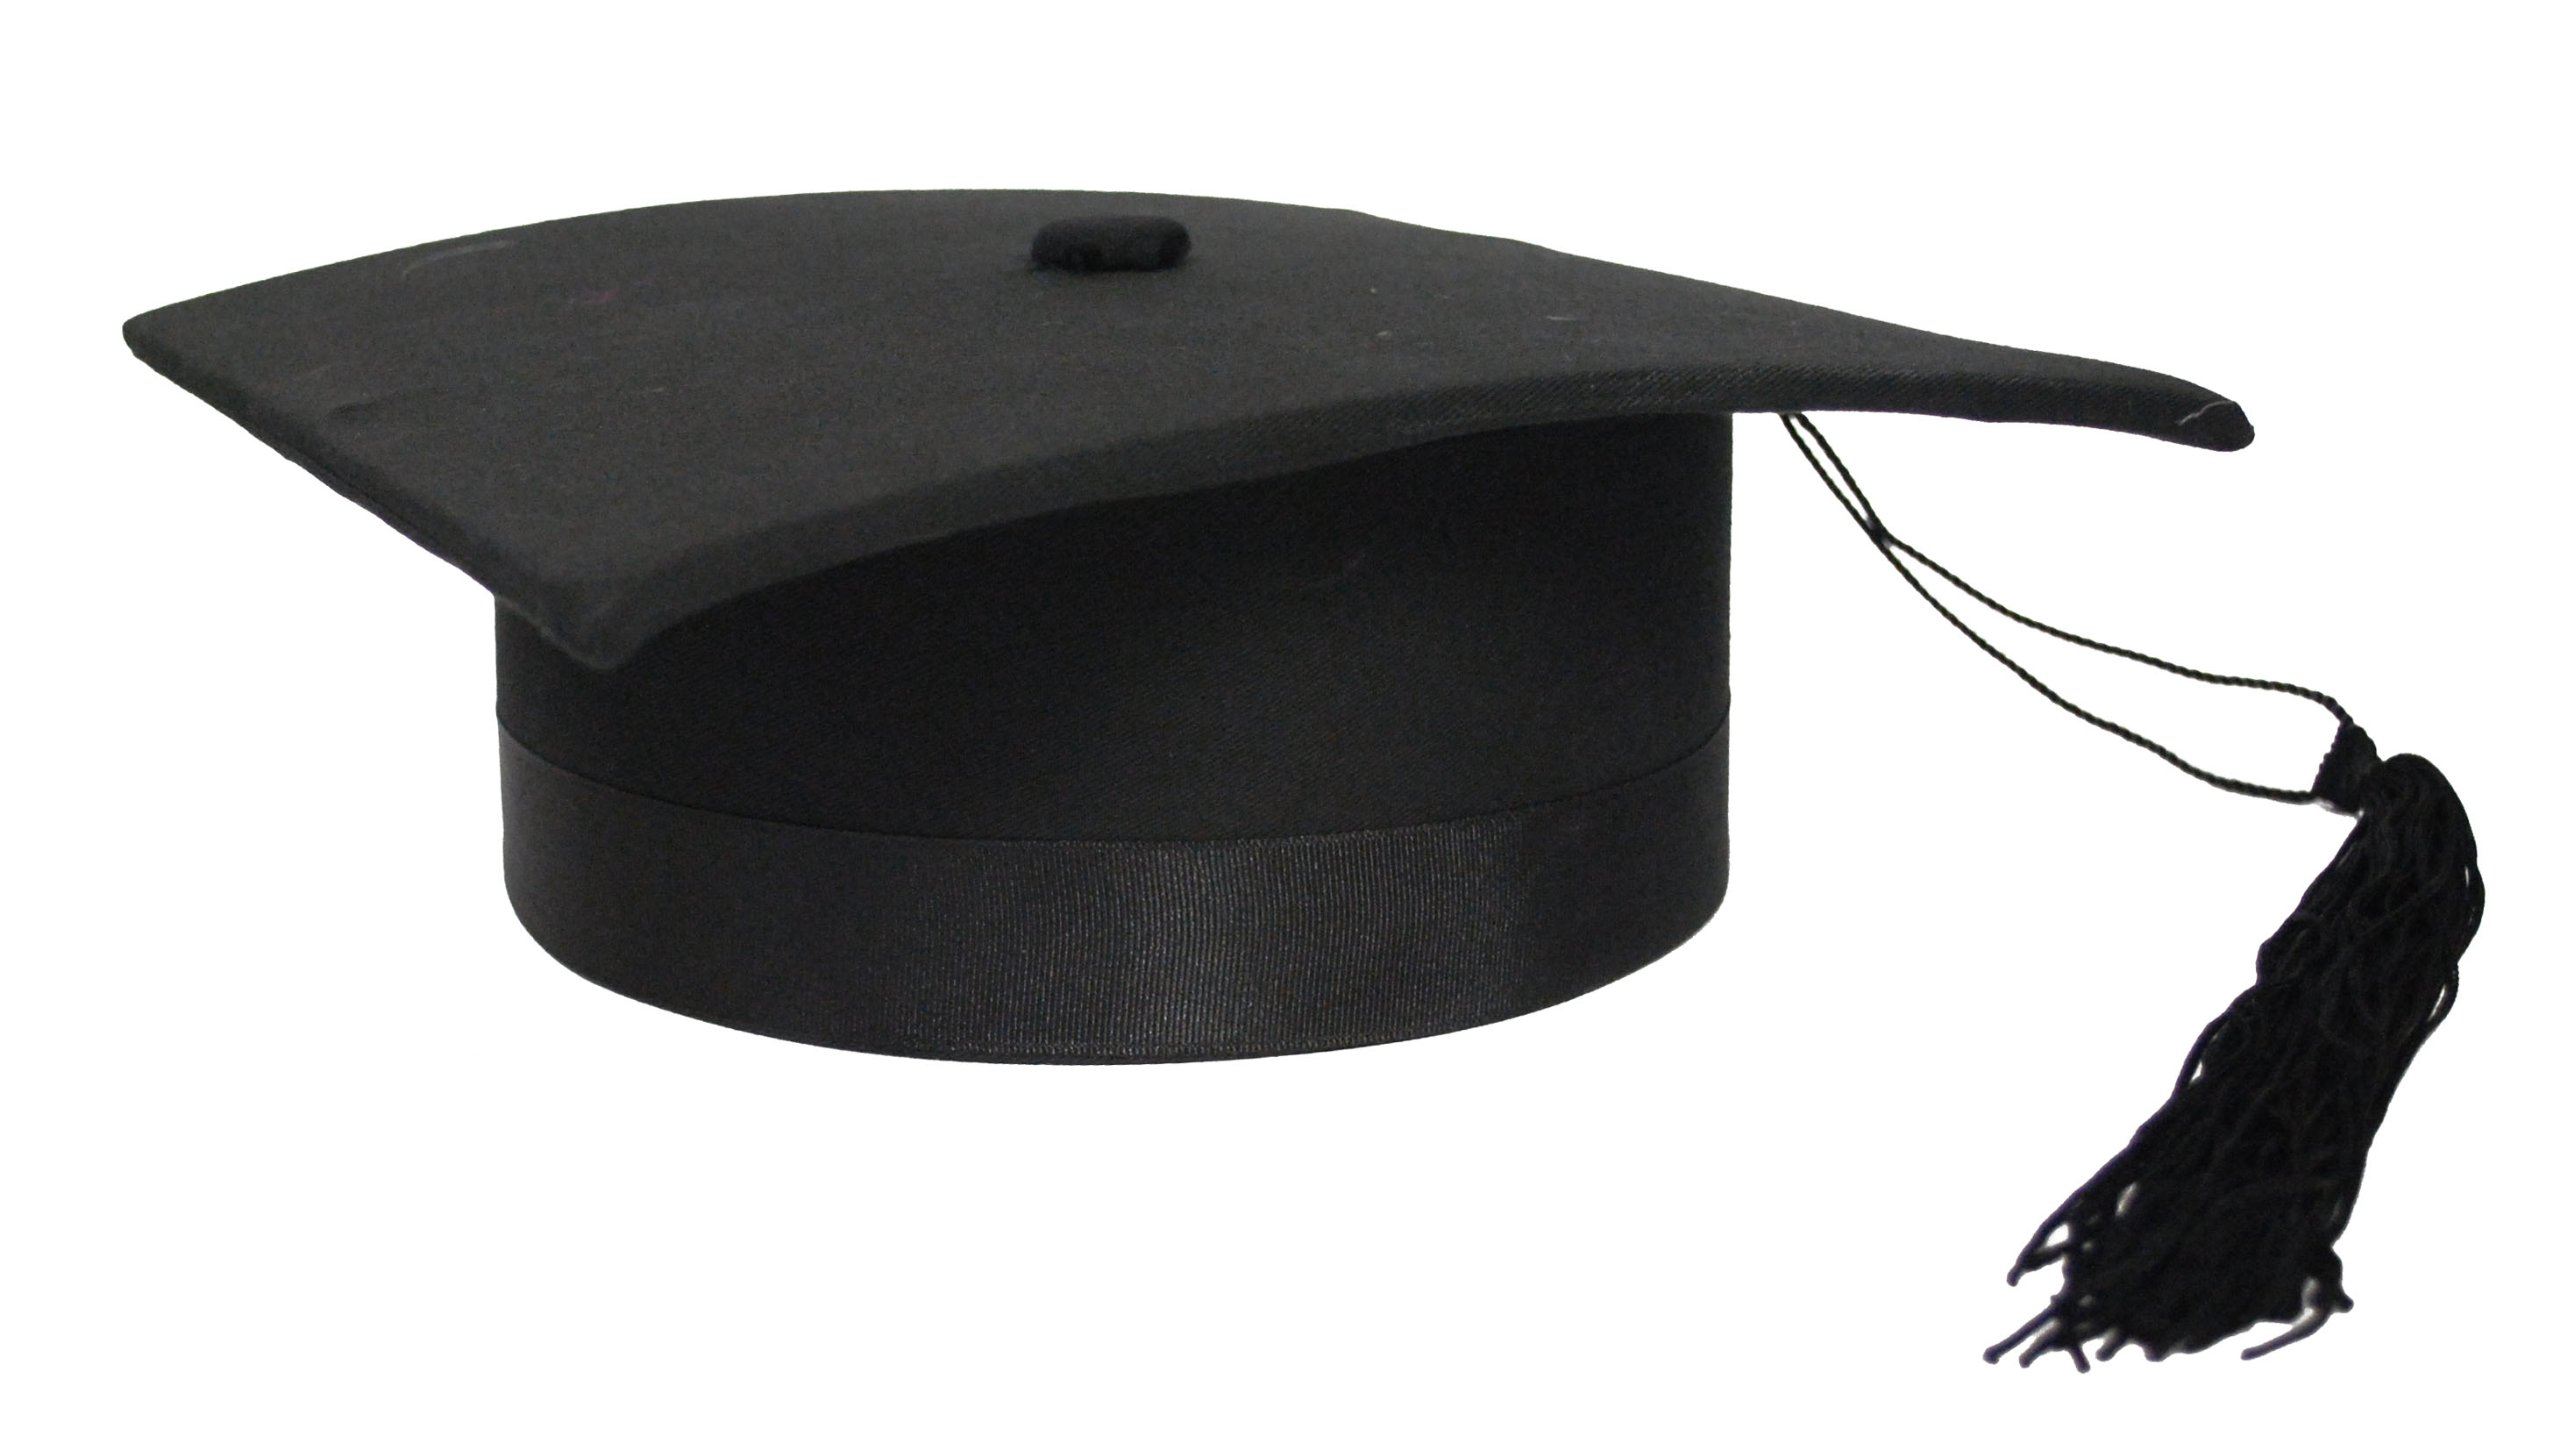 Tocco cappello da laureato lusso in tessuto anima rigida laurea nero  product image dd0de2e57f06